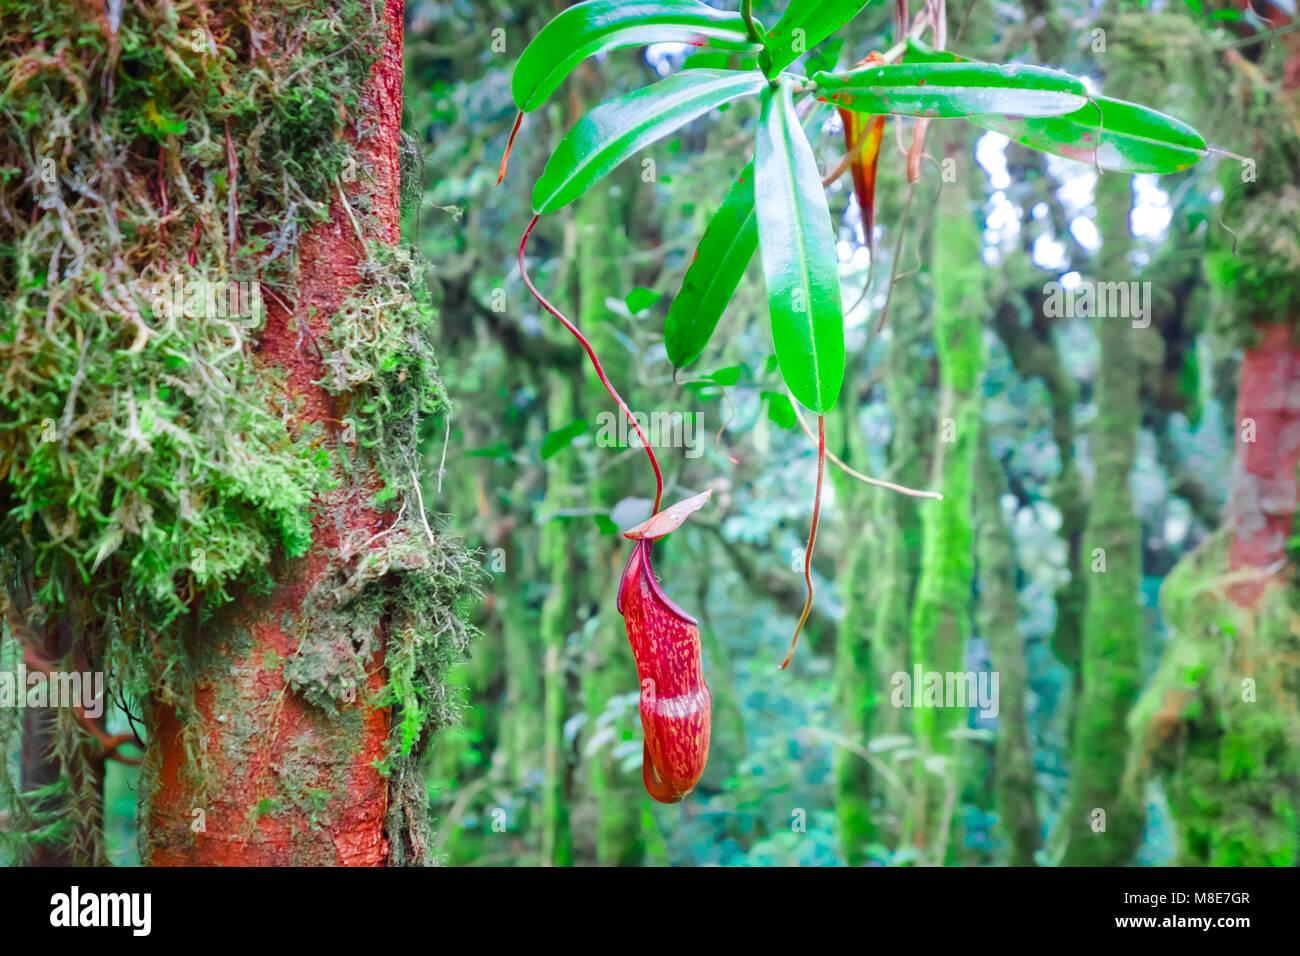 Fabelhaft Nepenthes Krug Blumen, exotische fleischfressende Pflanze wächst &TB_78